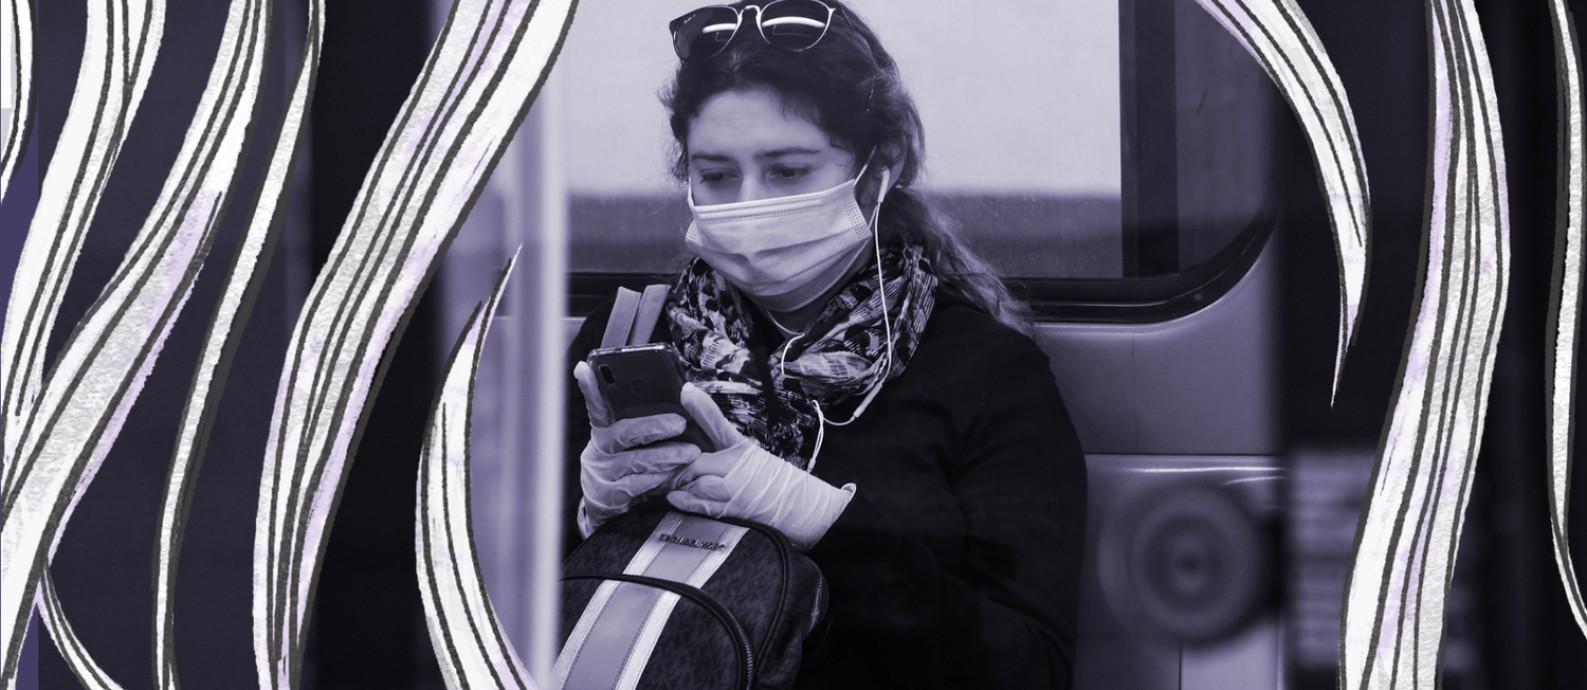 Por que as mulheres foram as mais afetadas nas pandemias? Pesquisadora explica. Foto: AFP / AFP